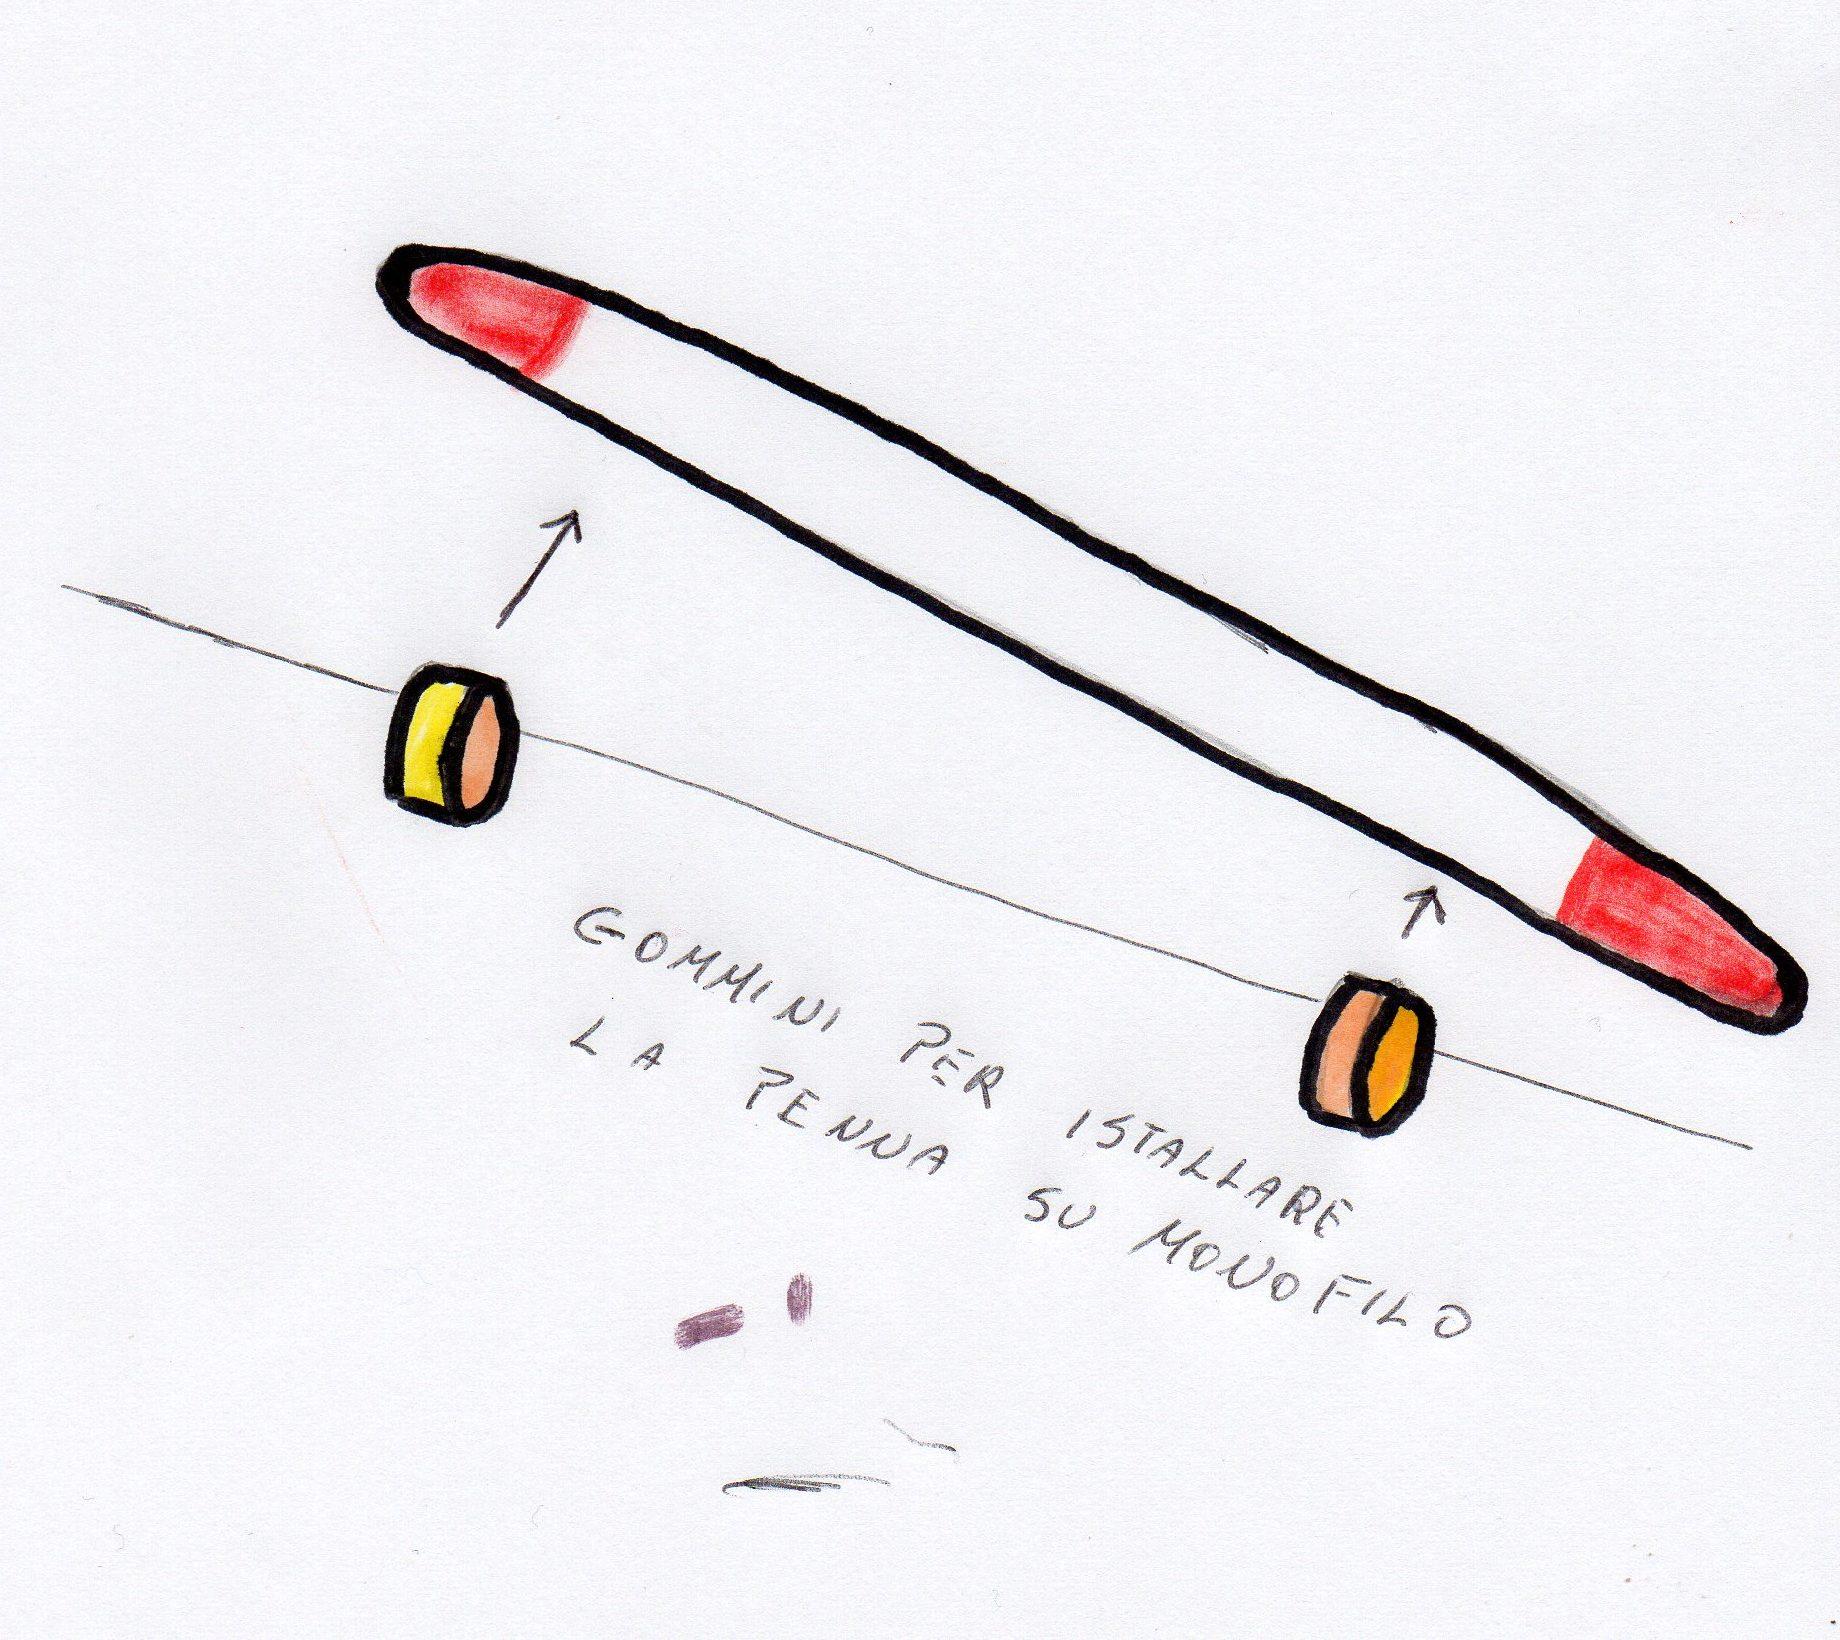 Come fissare la penna di pavone alla lenza